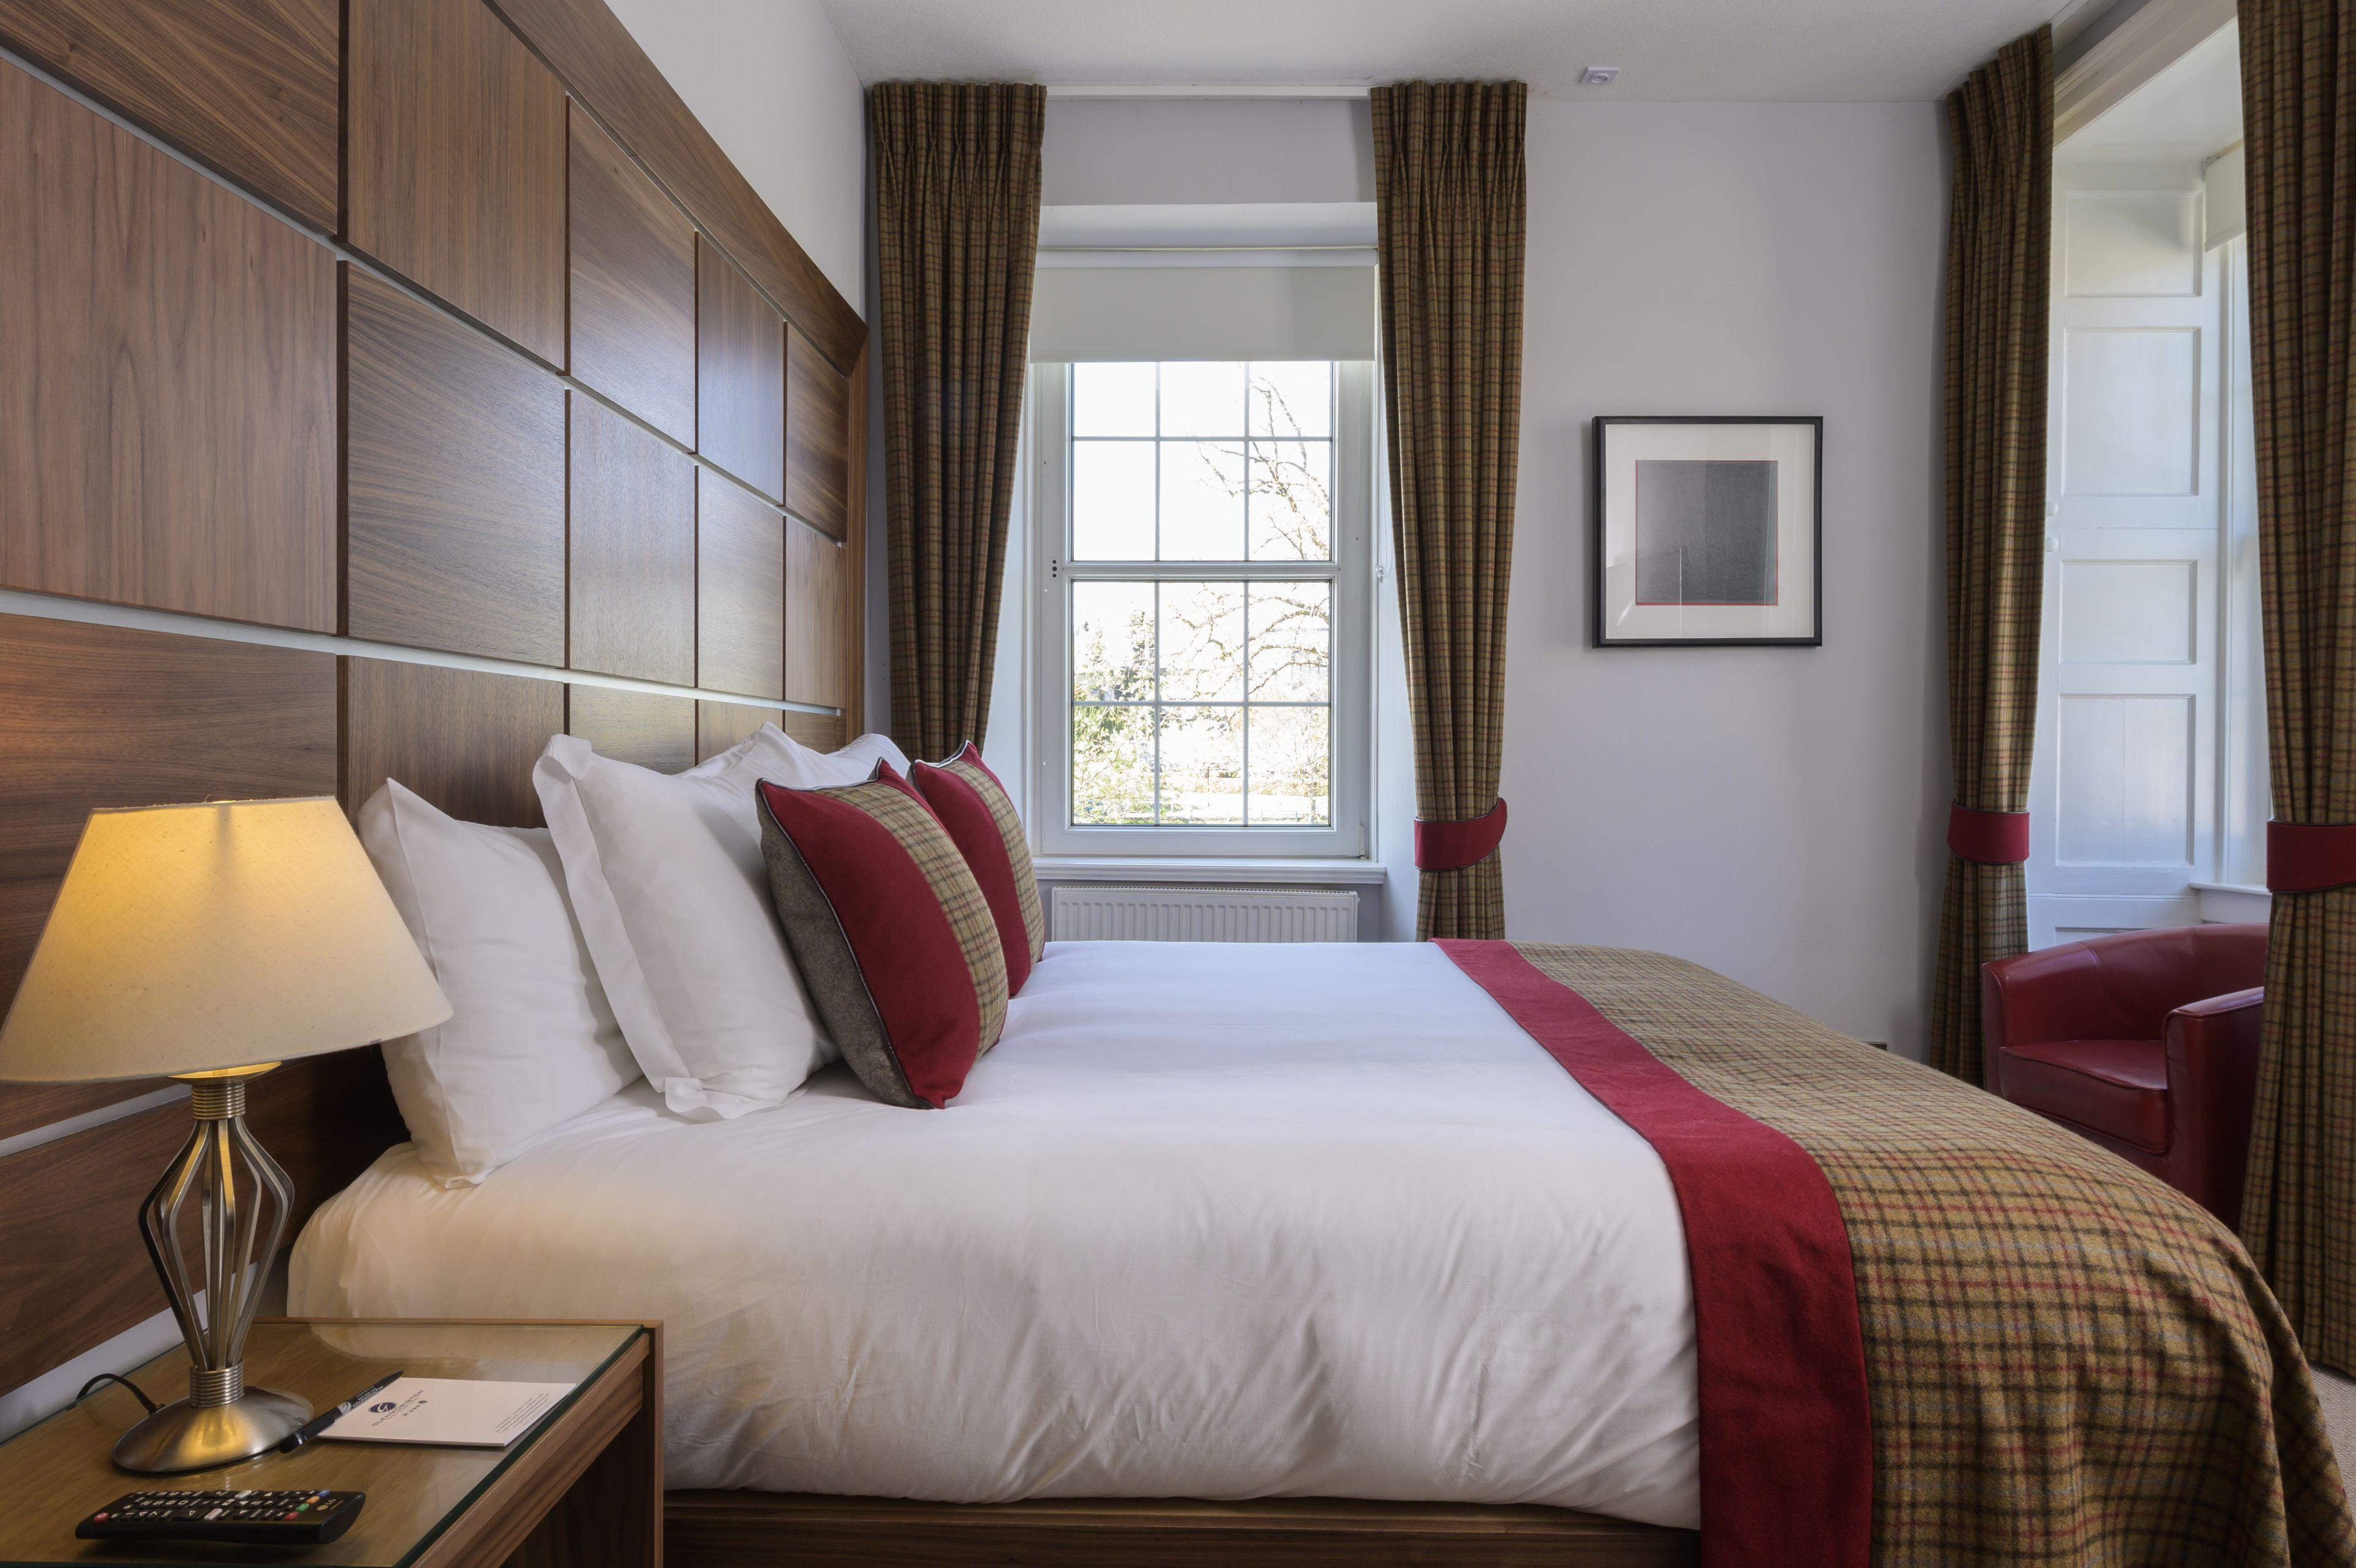 Courtesy of Glenmoriston Town House Hotel / Expedia